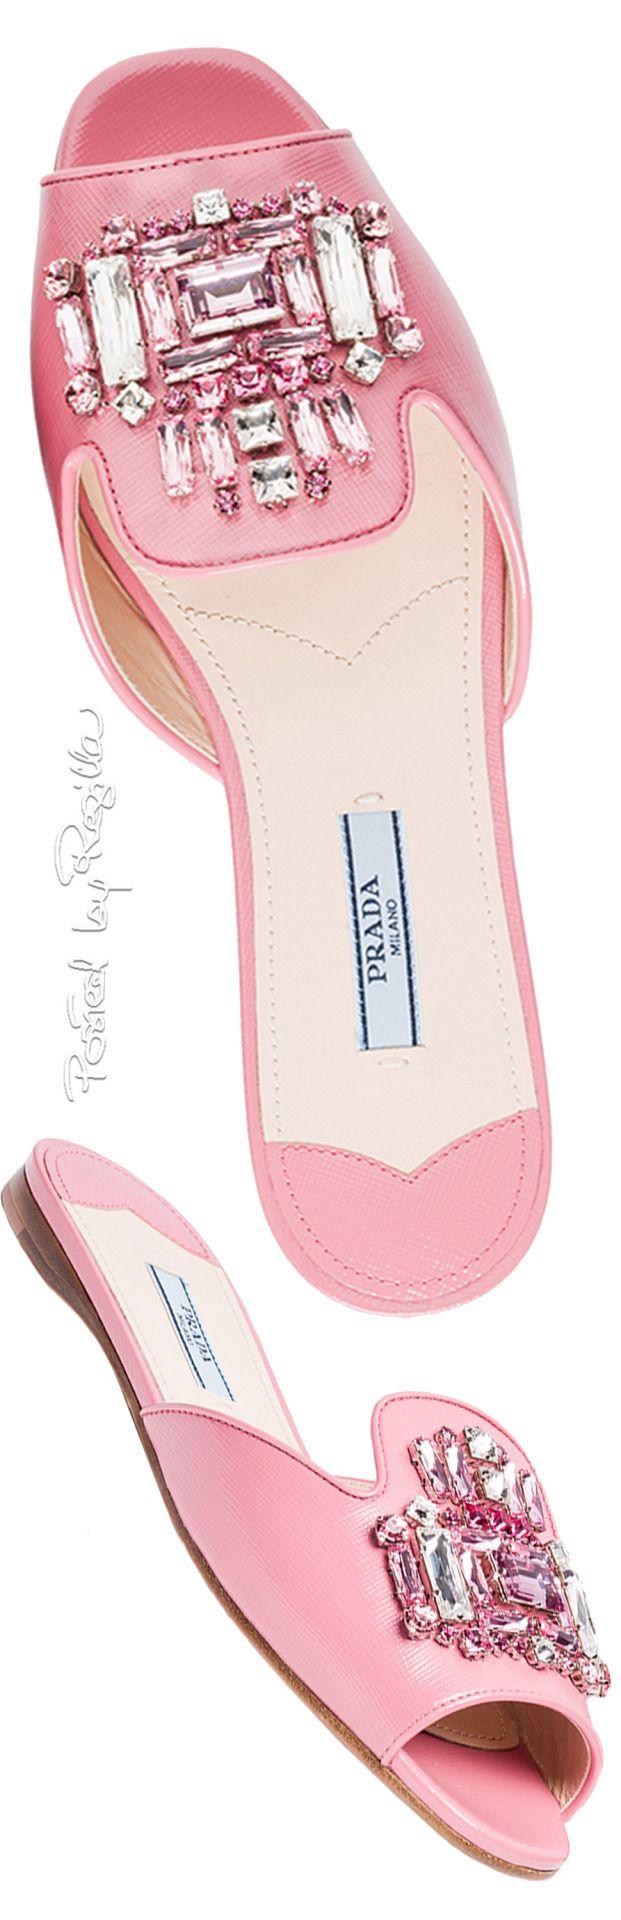 Mejores 523 imágenes de Zapatos y Calcetines en Pinterest | Ropa ...